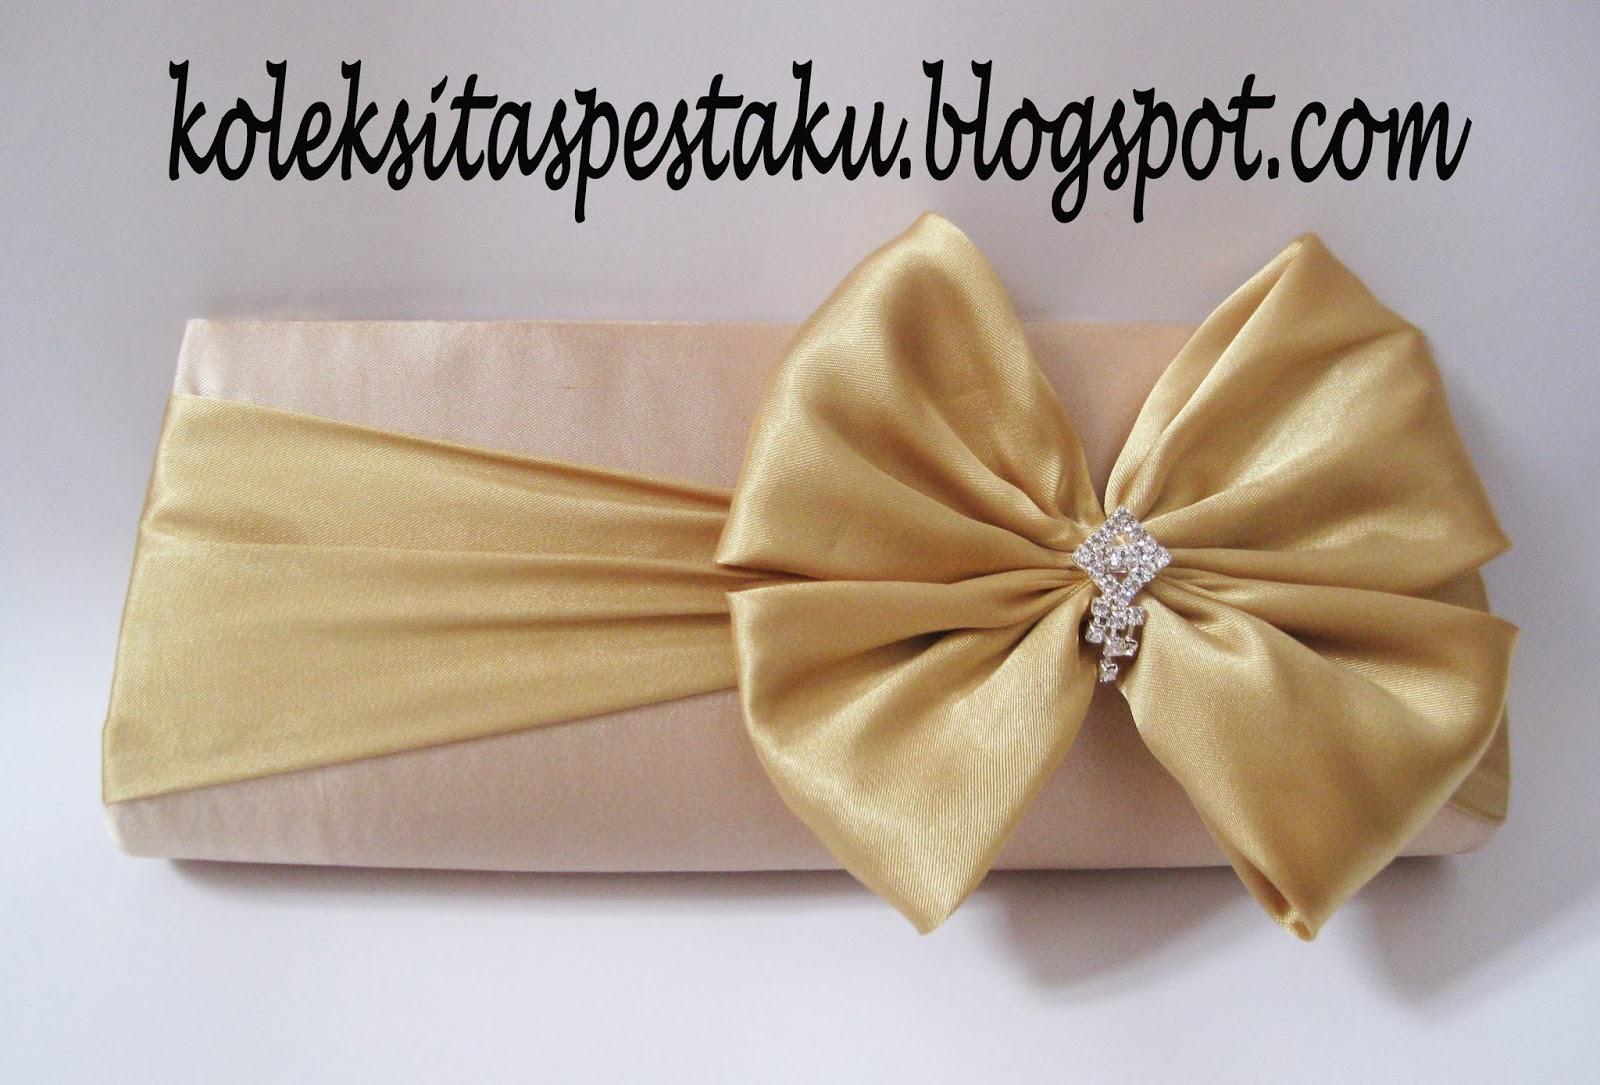 dompet tas cream gold